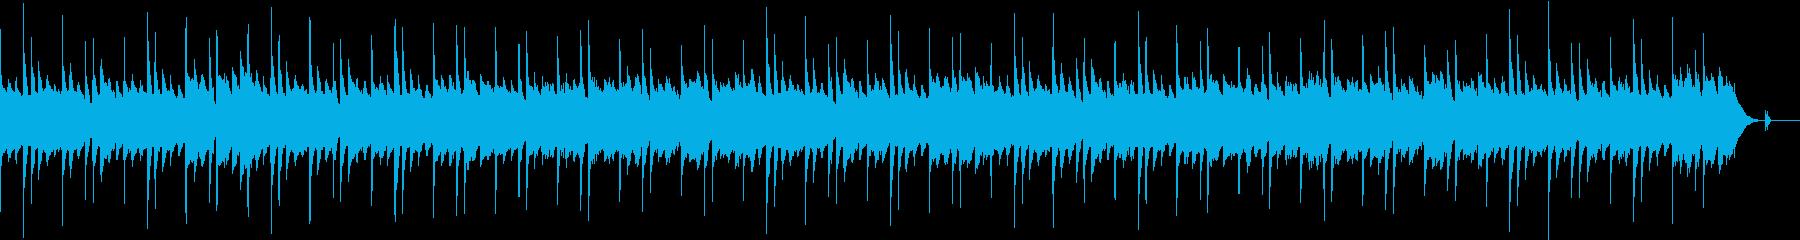 穏やかで抑制的なピアノ・アルペジオの再生済みの波形